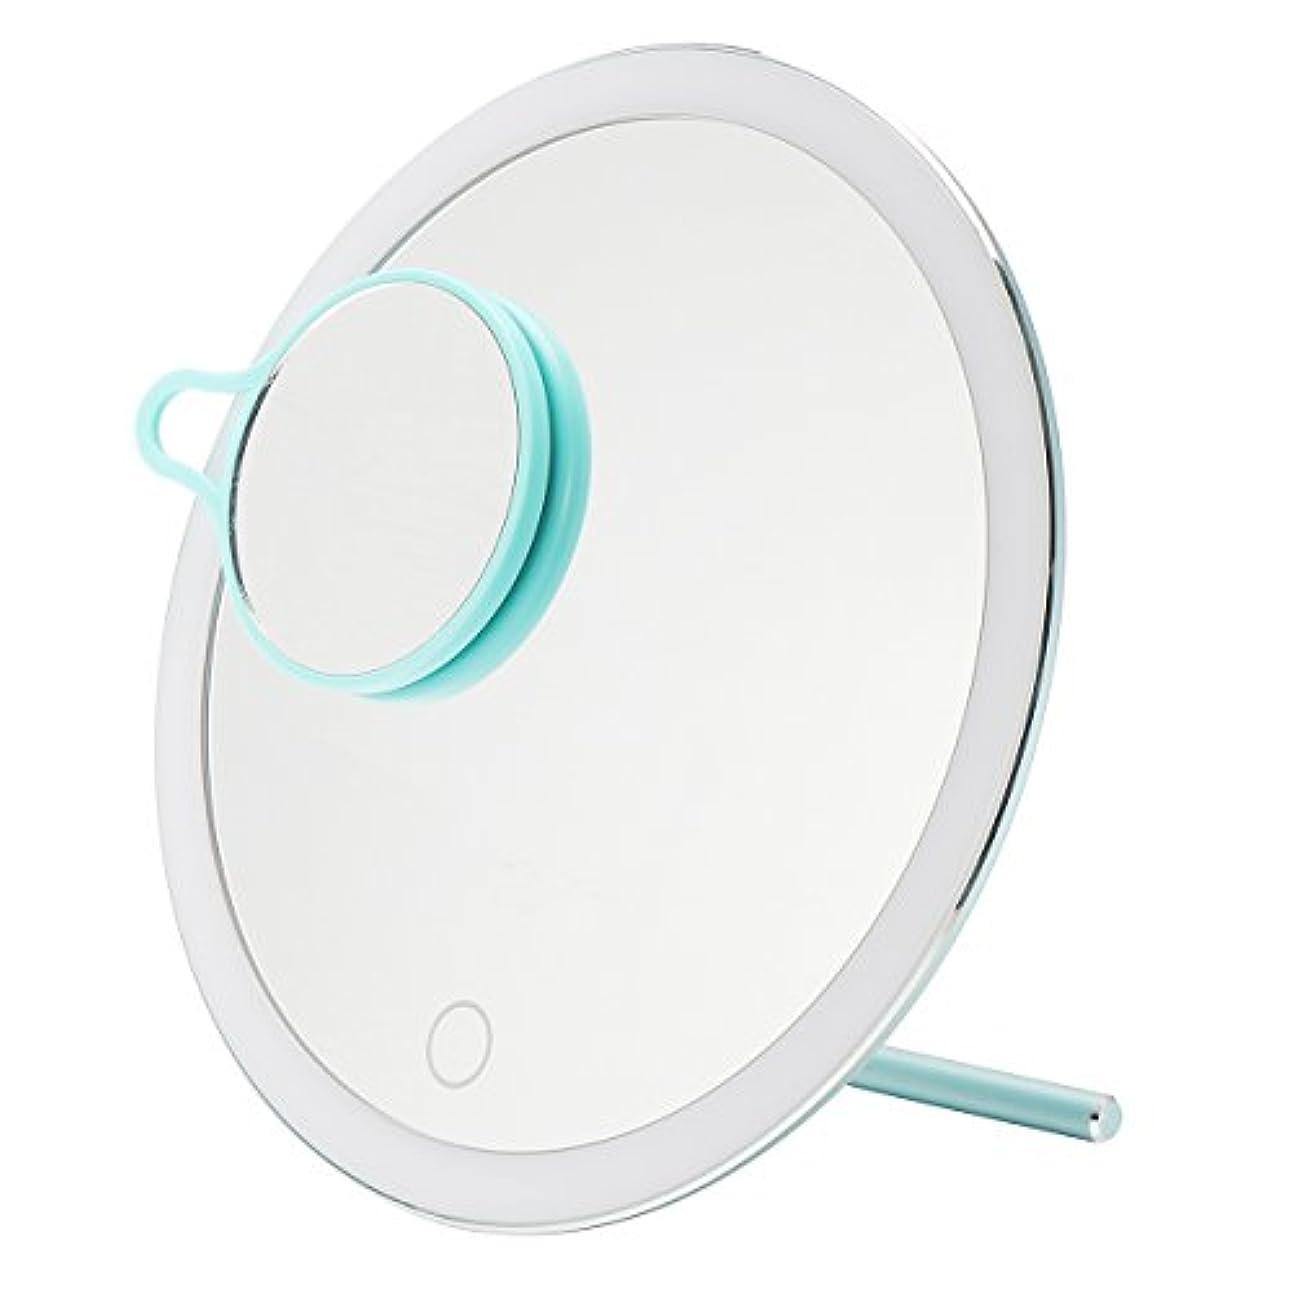 スパークなんとなく特派員YZUEYT USB LEDライトメイクアップミラータッチスクリーン携帯用拡大鏡バニティテーブルトップランプ化粧ミラーメイクアップツール YZUEYT (Color : Color Blue)